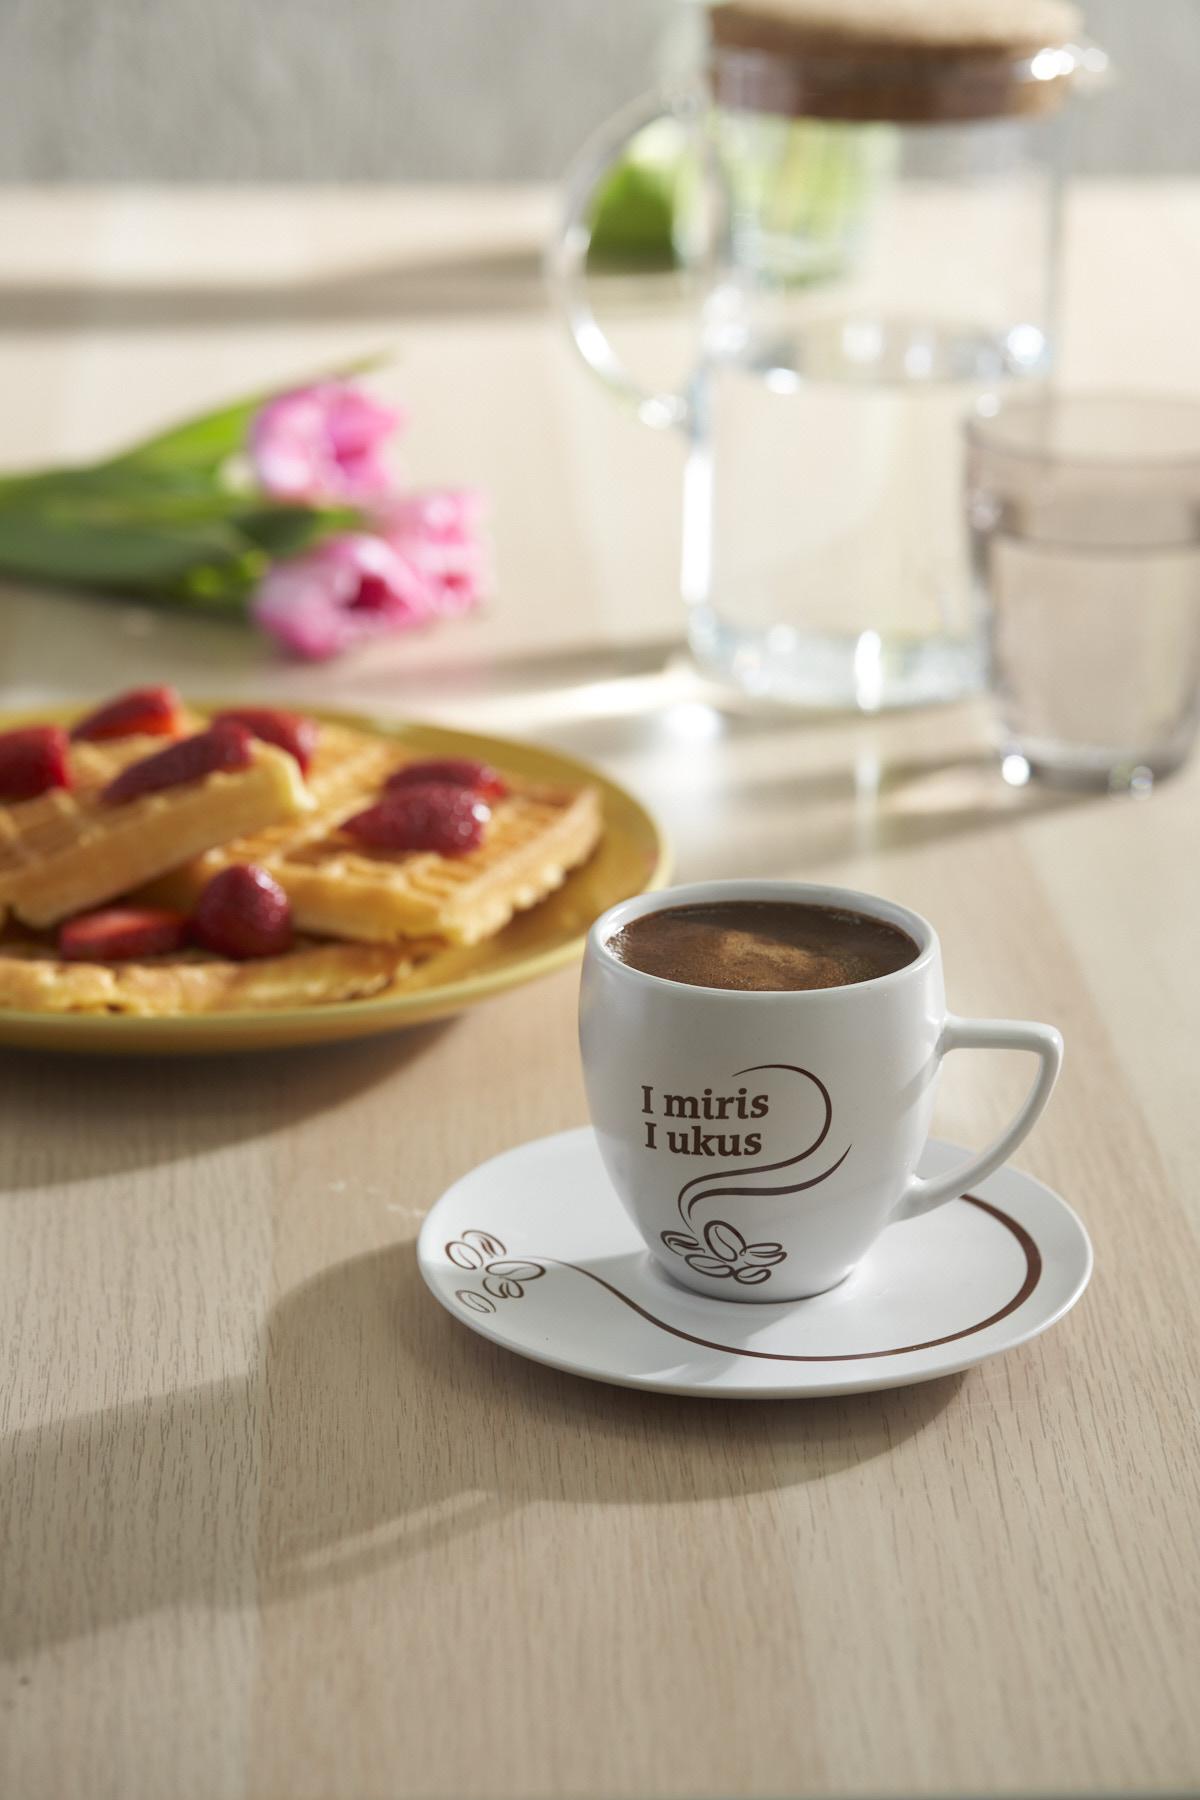 Tradicionalna kafa je odolela krizi 2